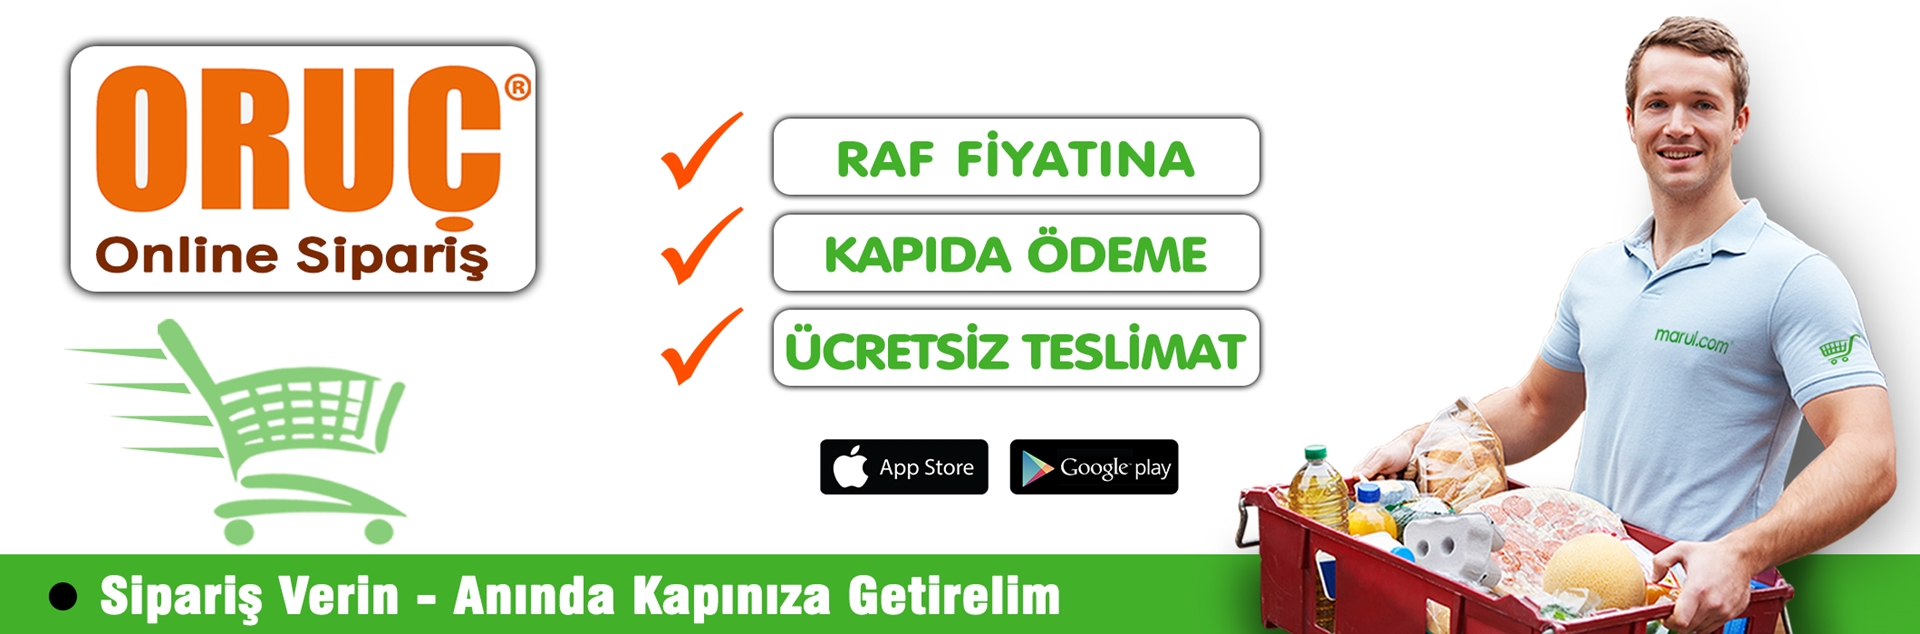 oruç market online sipariş tuzla şubesi